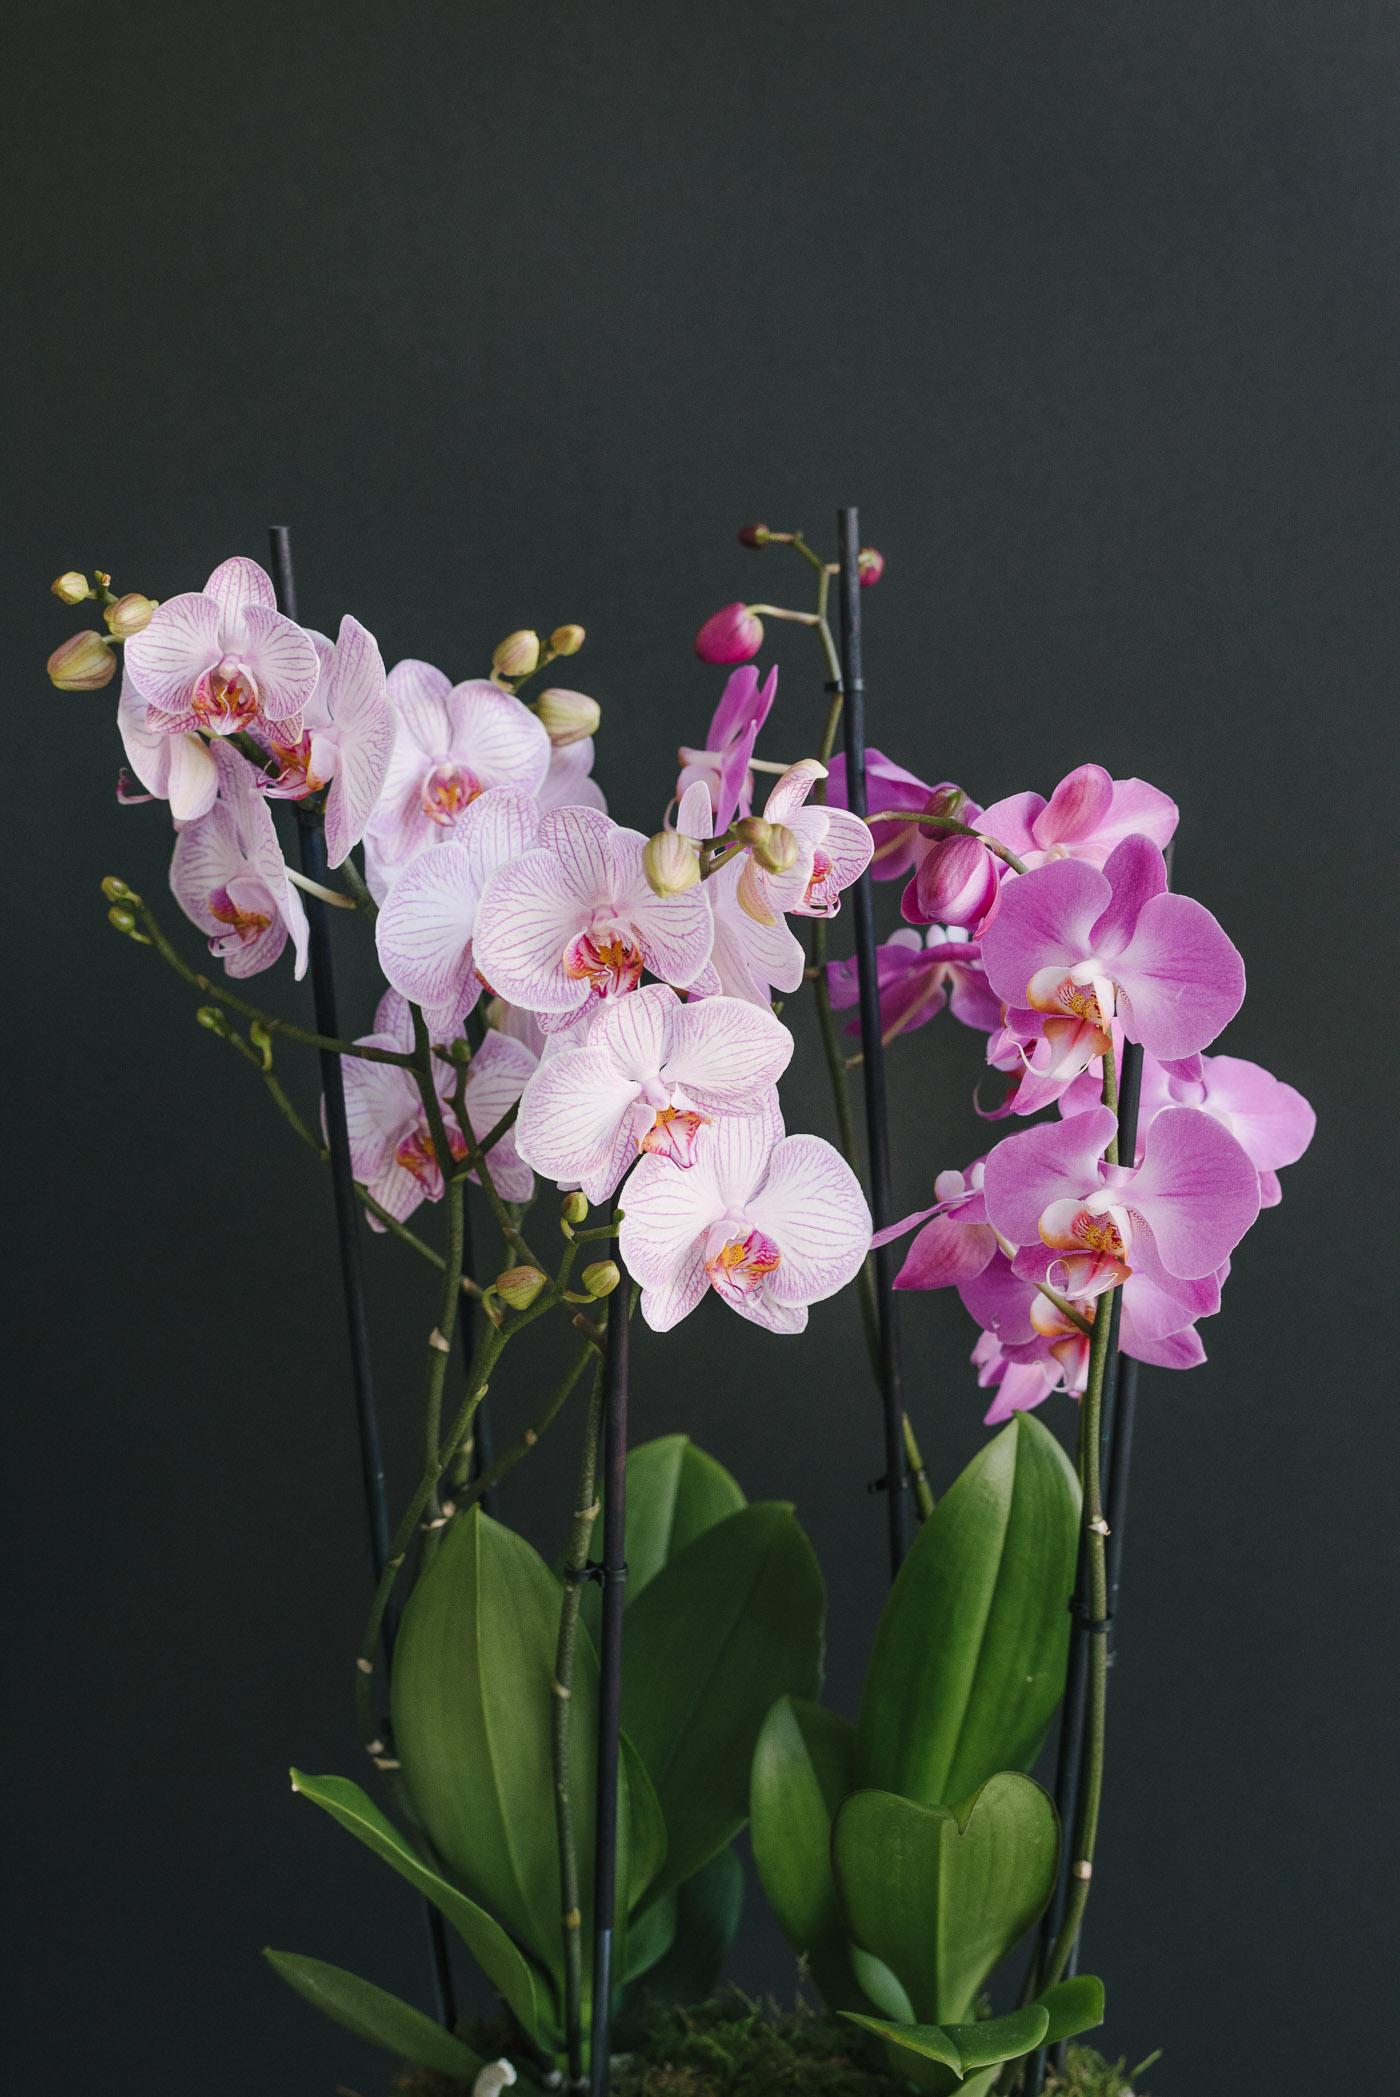 2 Orhidee La Ghiveci Și Mușchi În Vas Ceramic Oval Gri